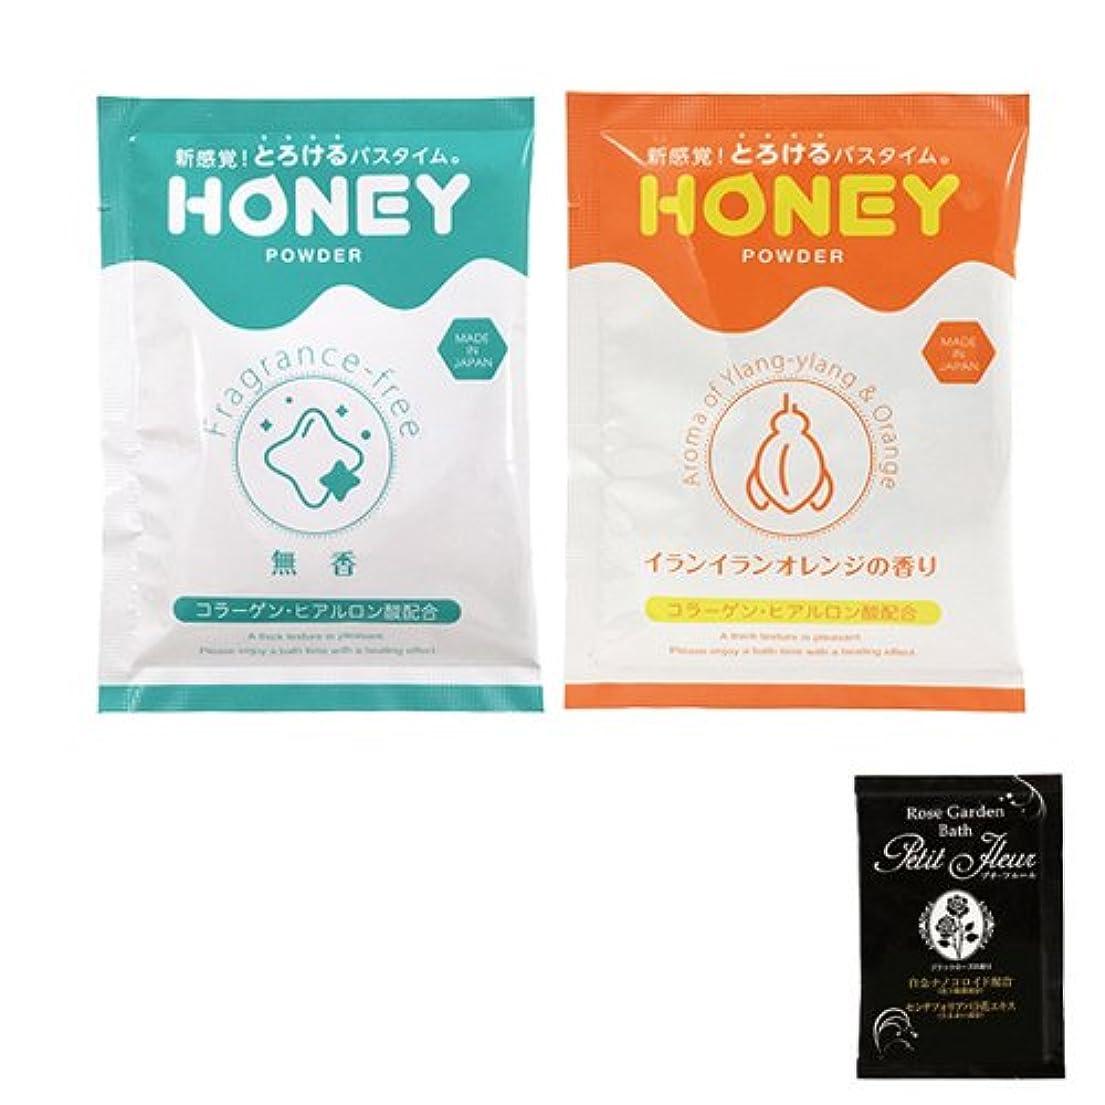 良性医療の相談するとろとろ入浴剤【honey powder】粉末タイプ イランイランオレンジの香り + 無香 + 入浴剤(プチフルール)1回分